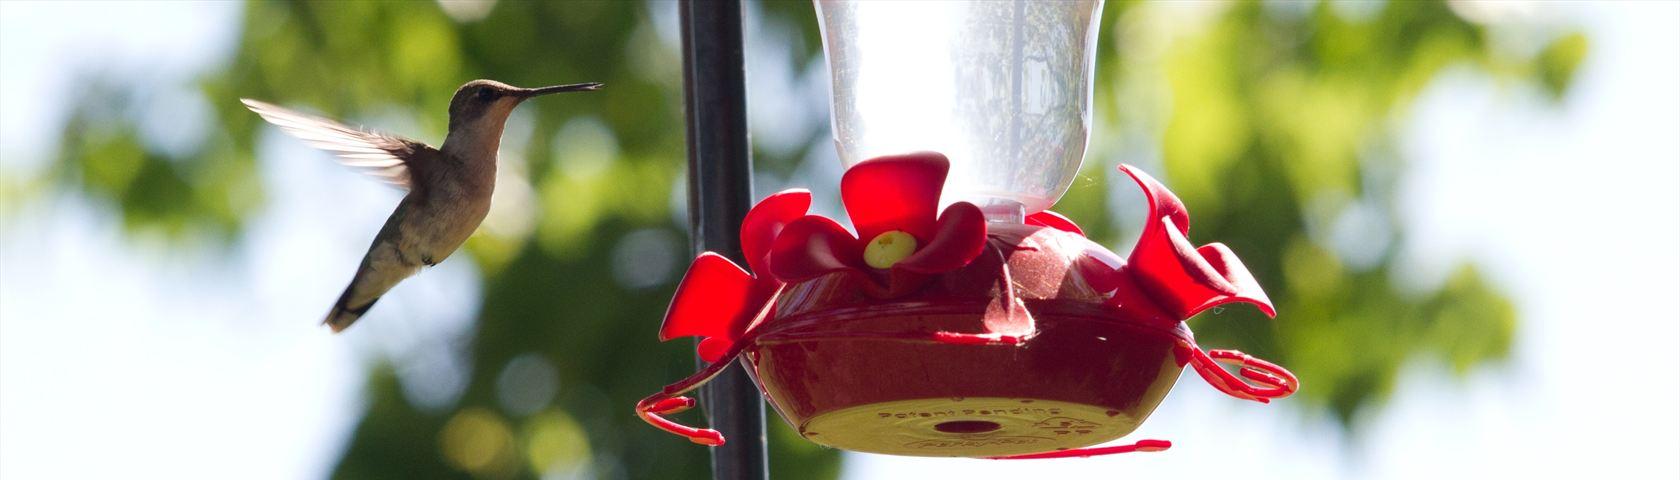 Hovering Hummingbird Near a Feeder